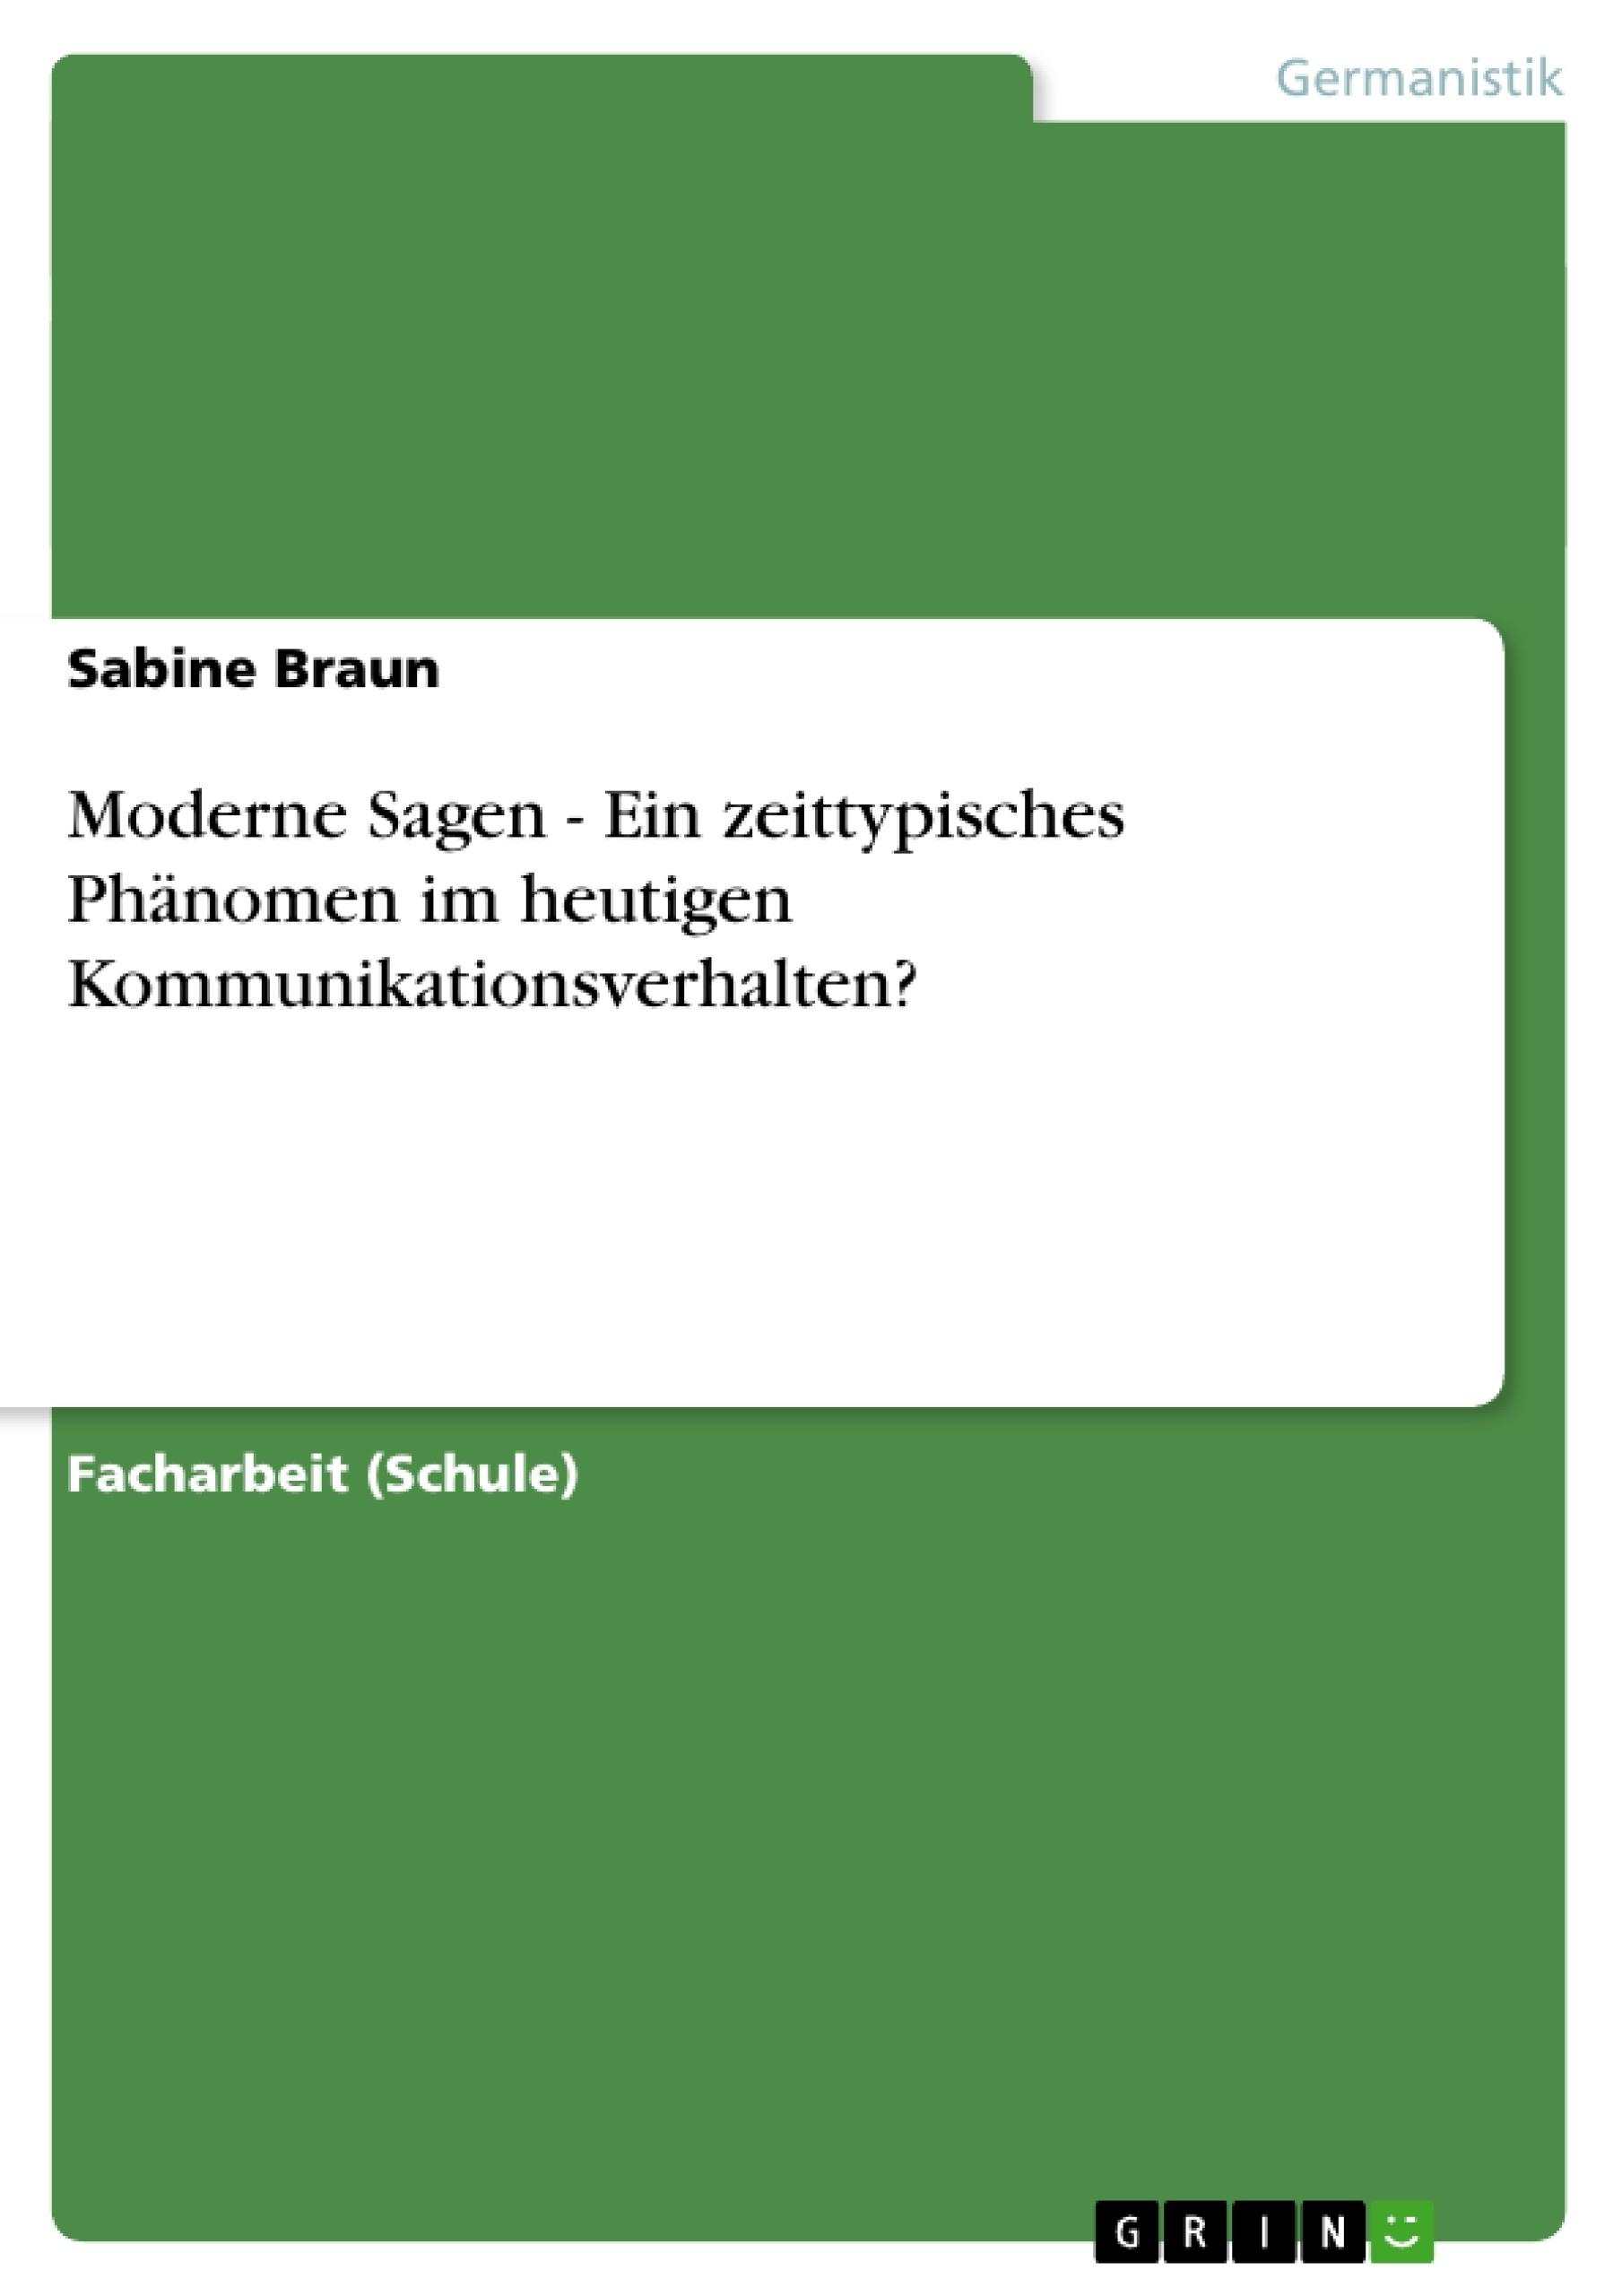 Titel: Moderne Sagen - Ein zeittypisches Phänomen im heutigen Kommunikationsverhalten?